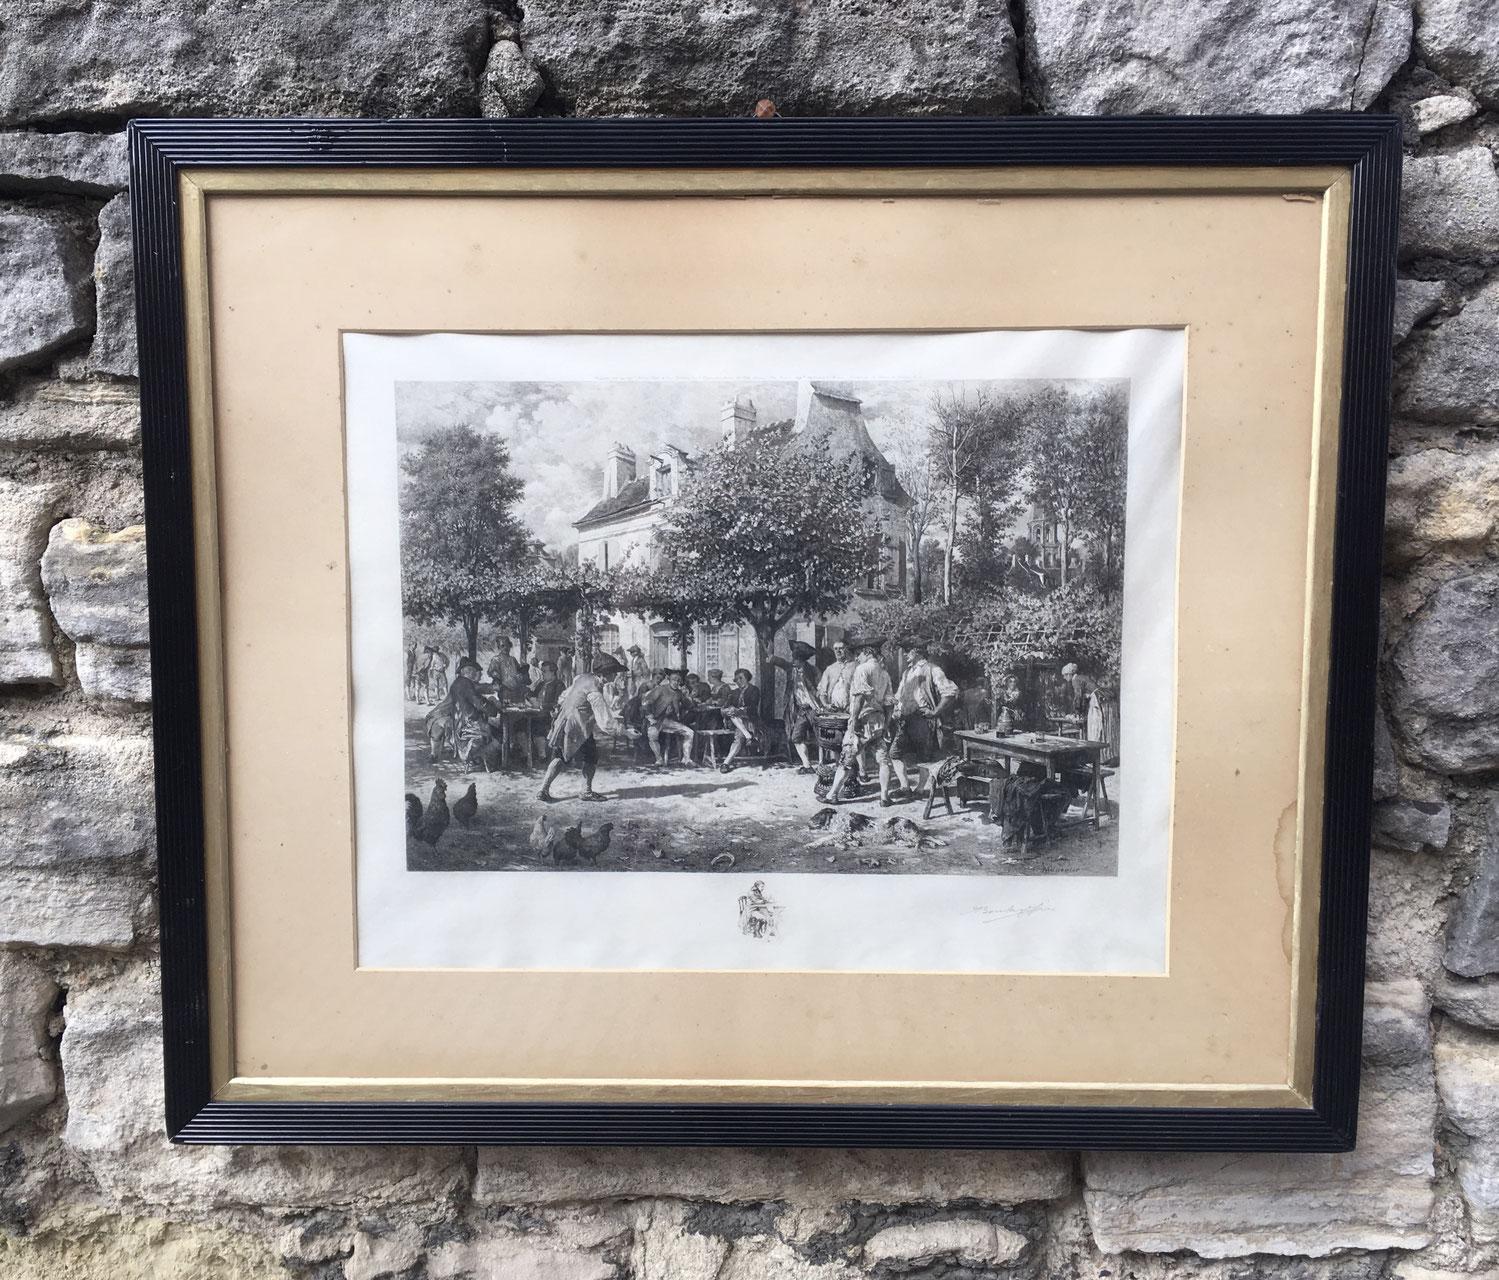 bilder, gemälde & rahmen - Antiquitäten La Belle Epoque